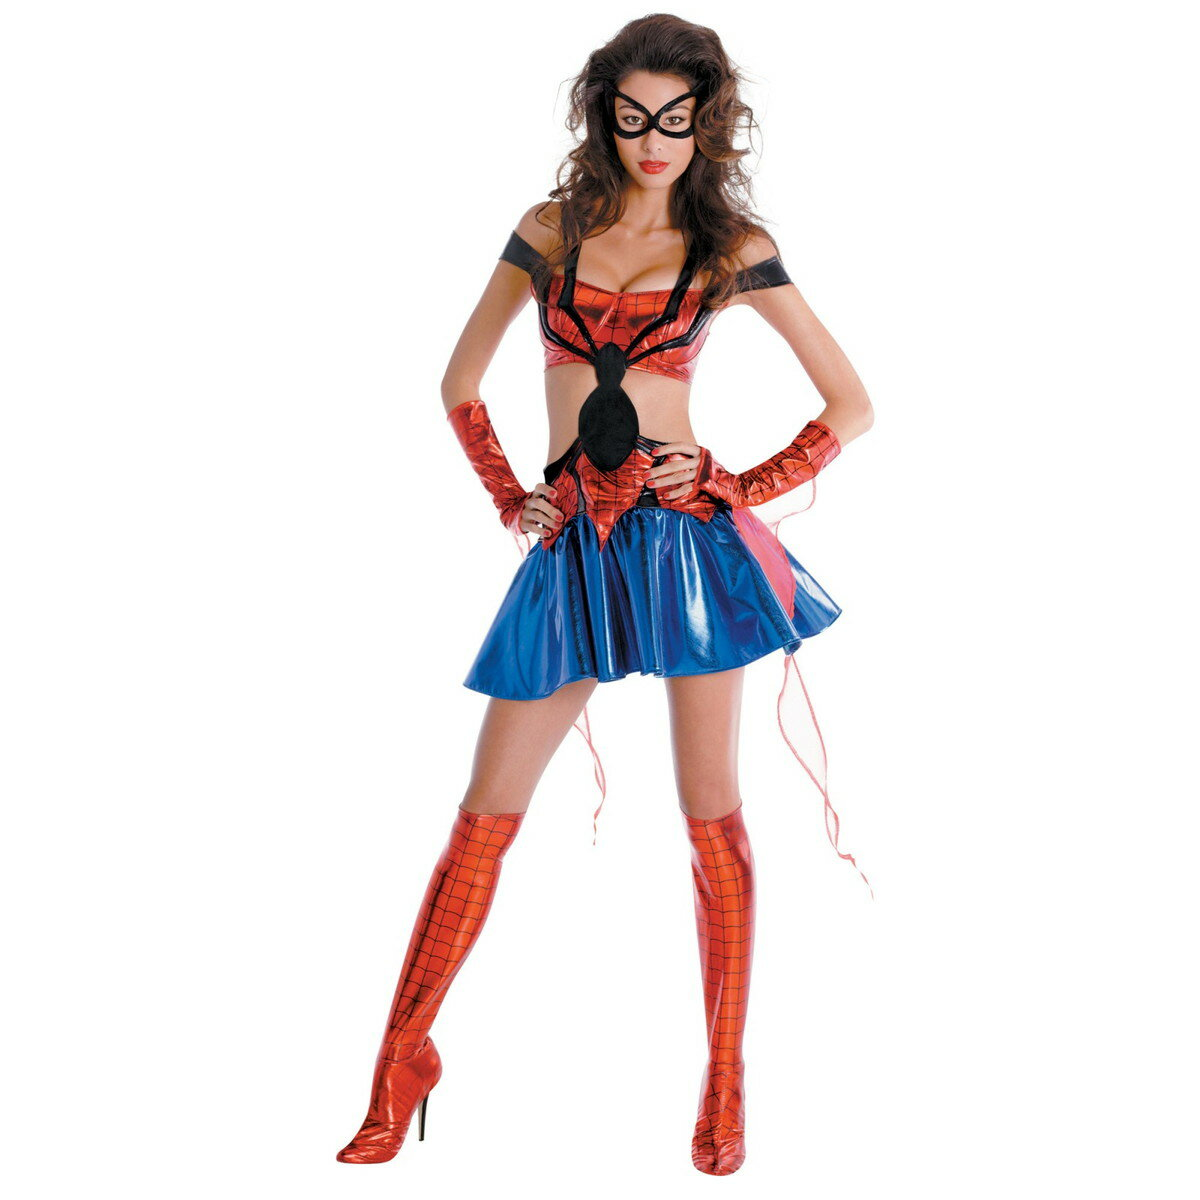 ハロウィン スパイダーマン コスプレ 衣装 スパイダーマン コスチューム スパイダーガール セクシー コスチューム 大人用